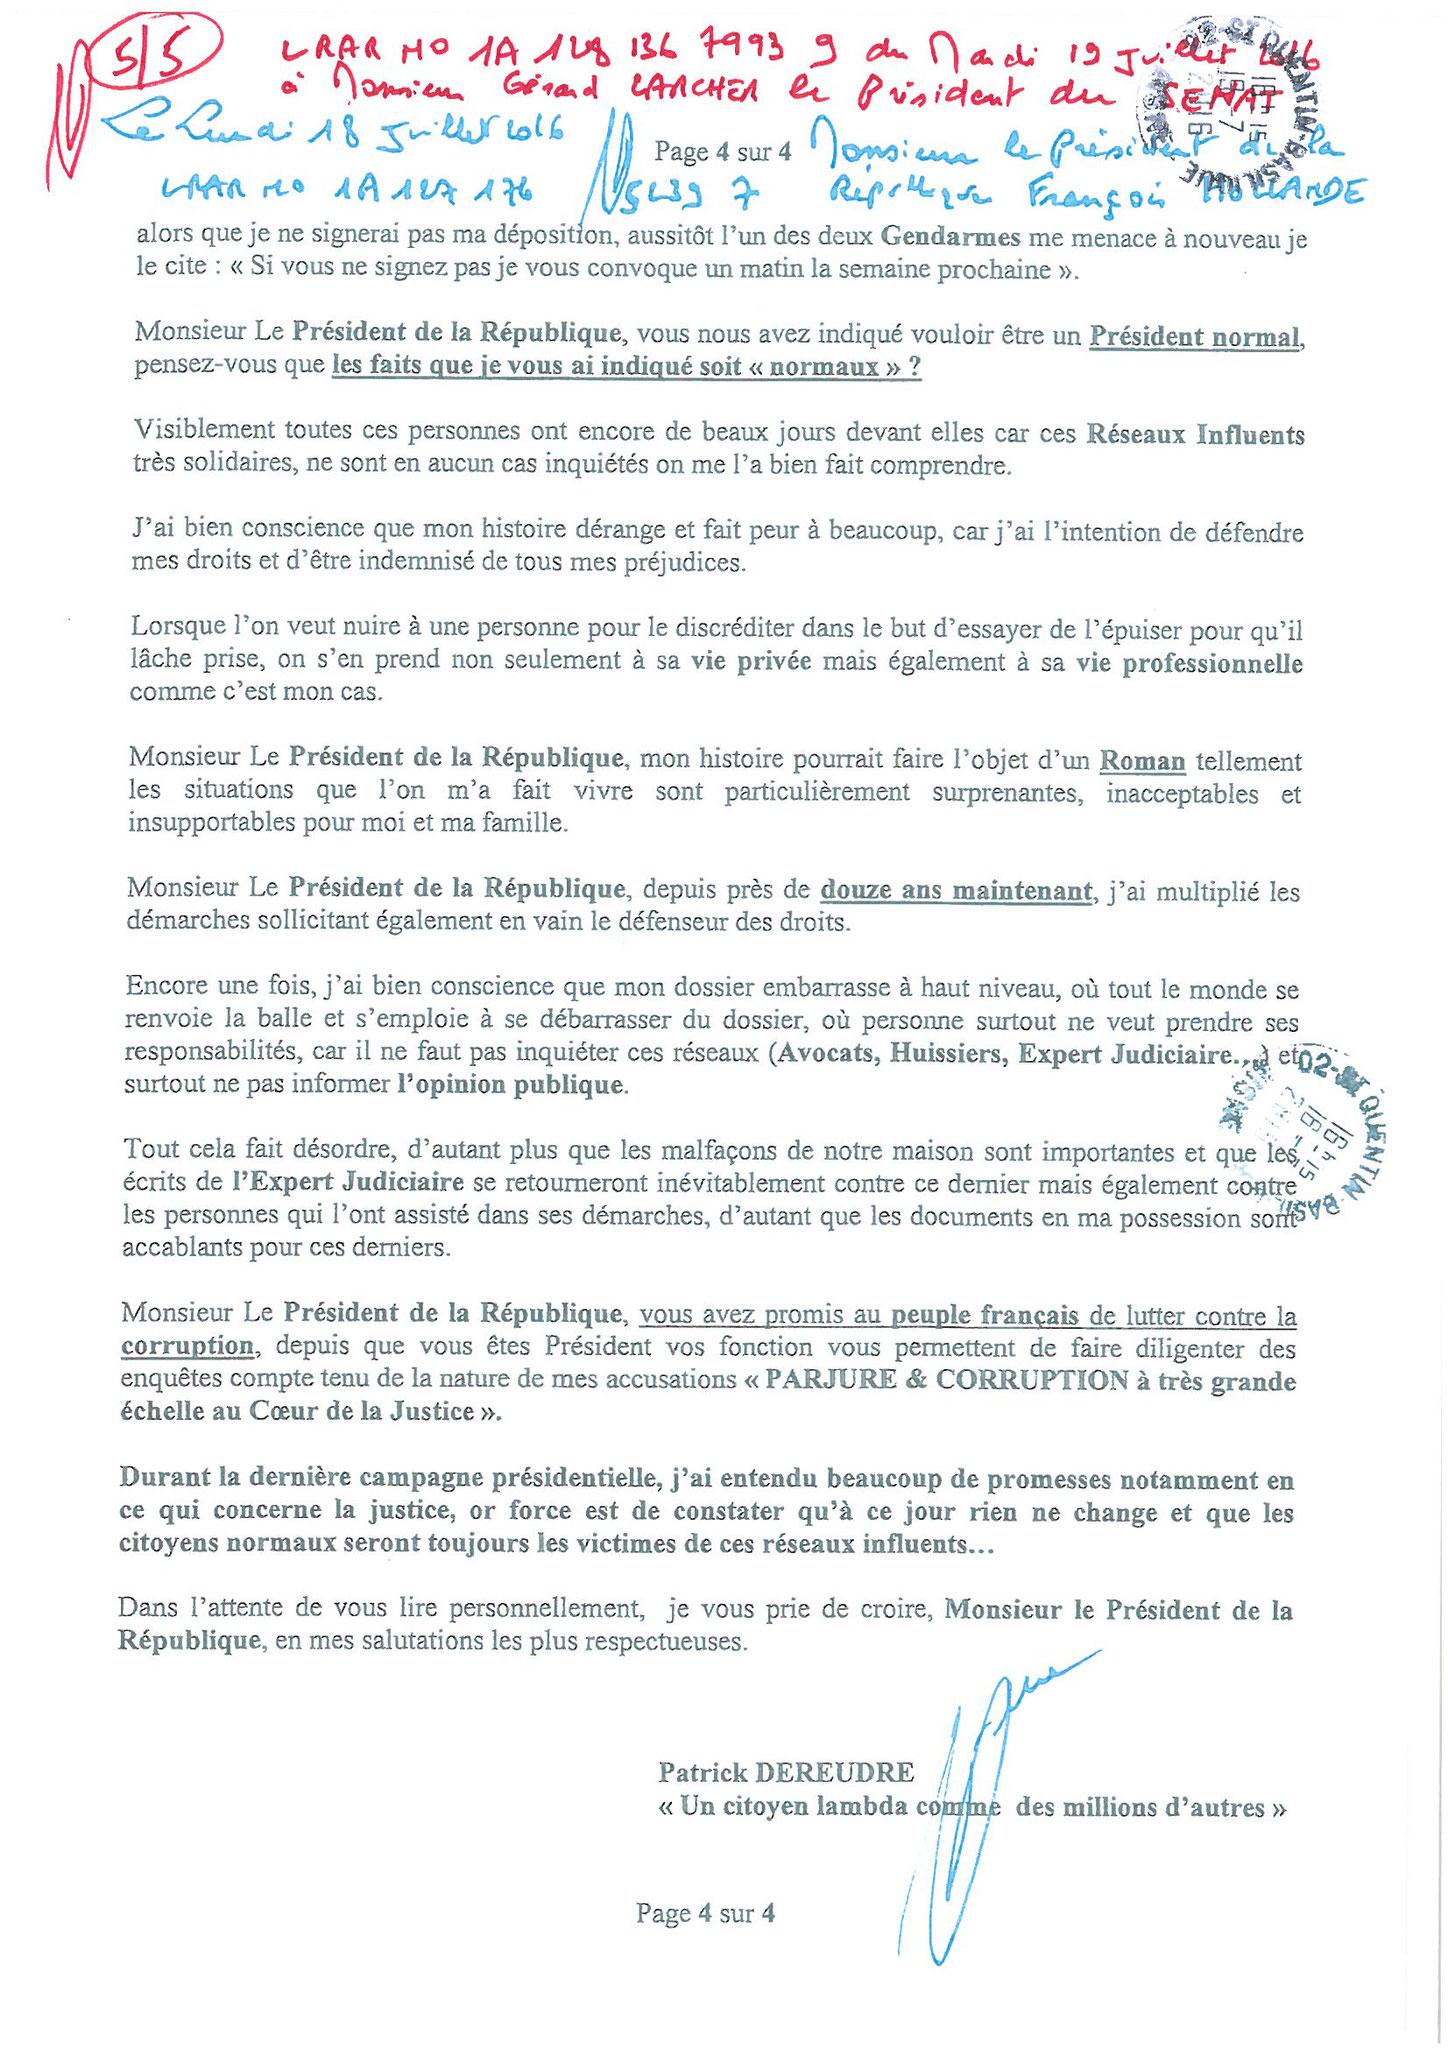 LRAR du 19 Juillet 2016 à Monsieur Gérard LARCHER le Président du Sénat page 5 sur 5